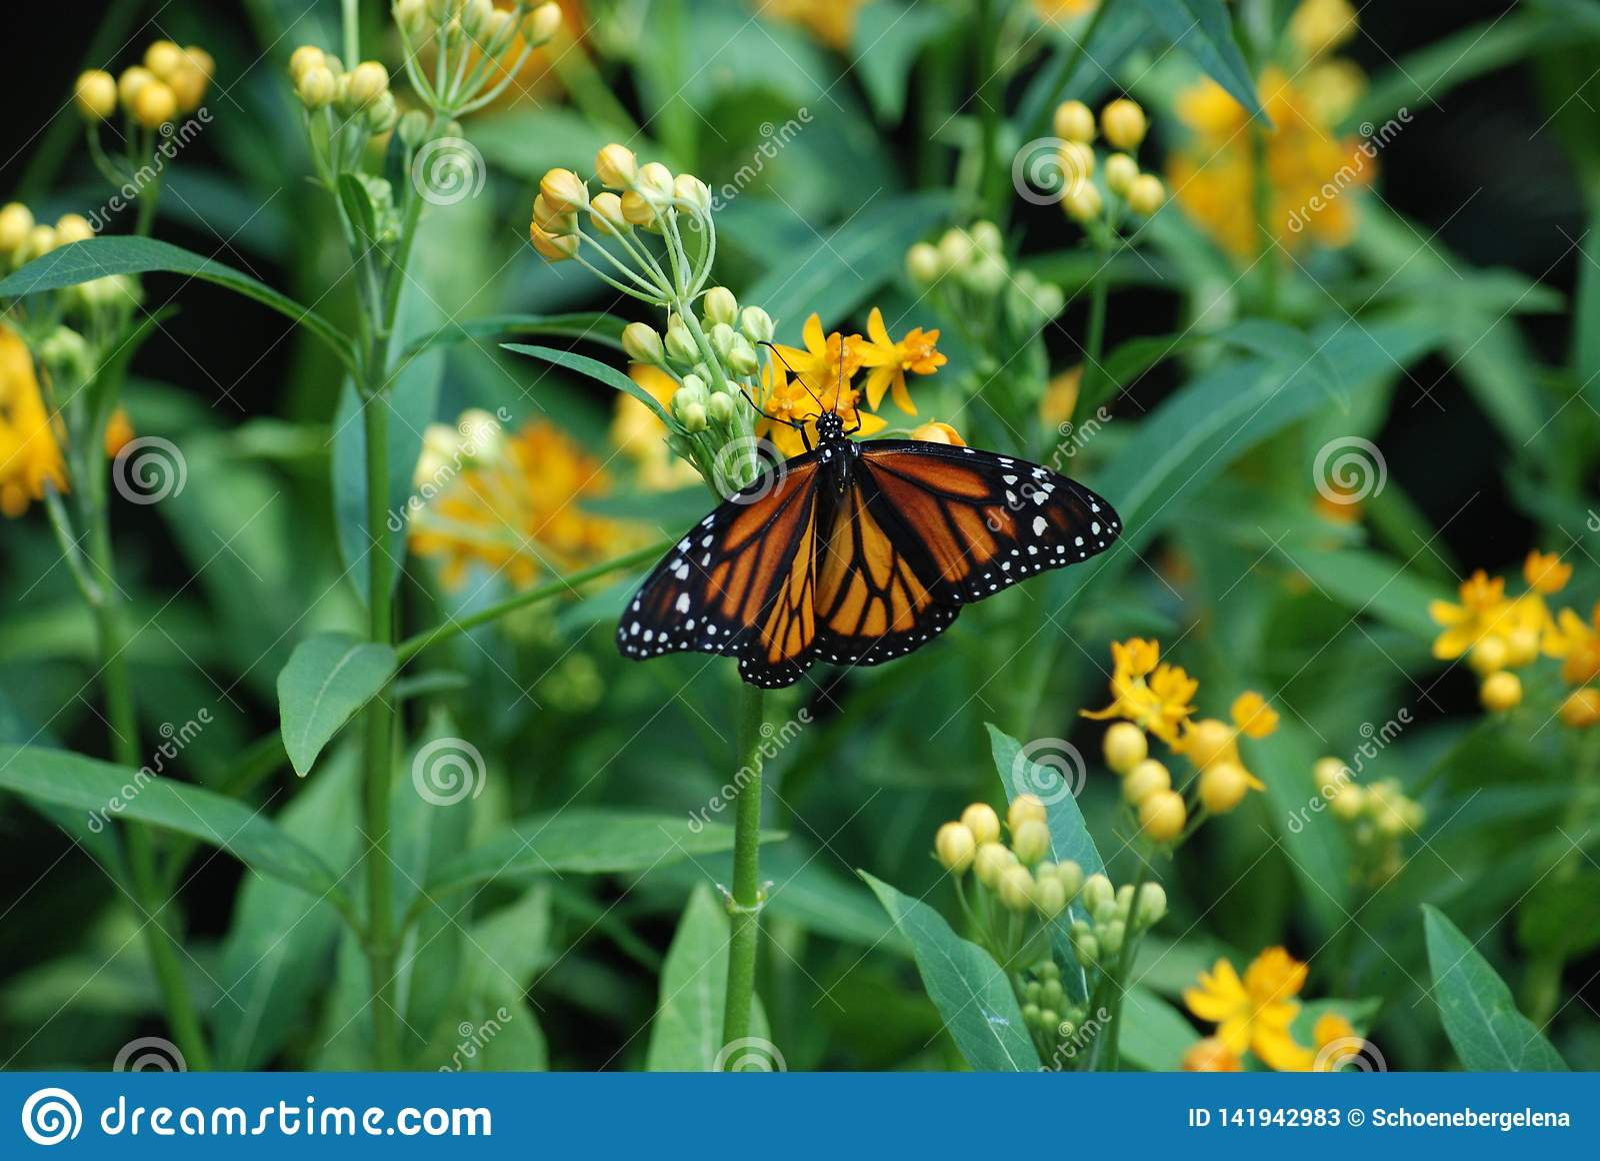 Un ange gardien - papillon de monarque alimentant sur la fleur jaune